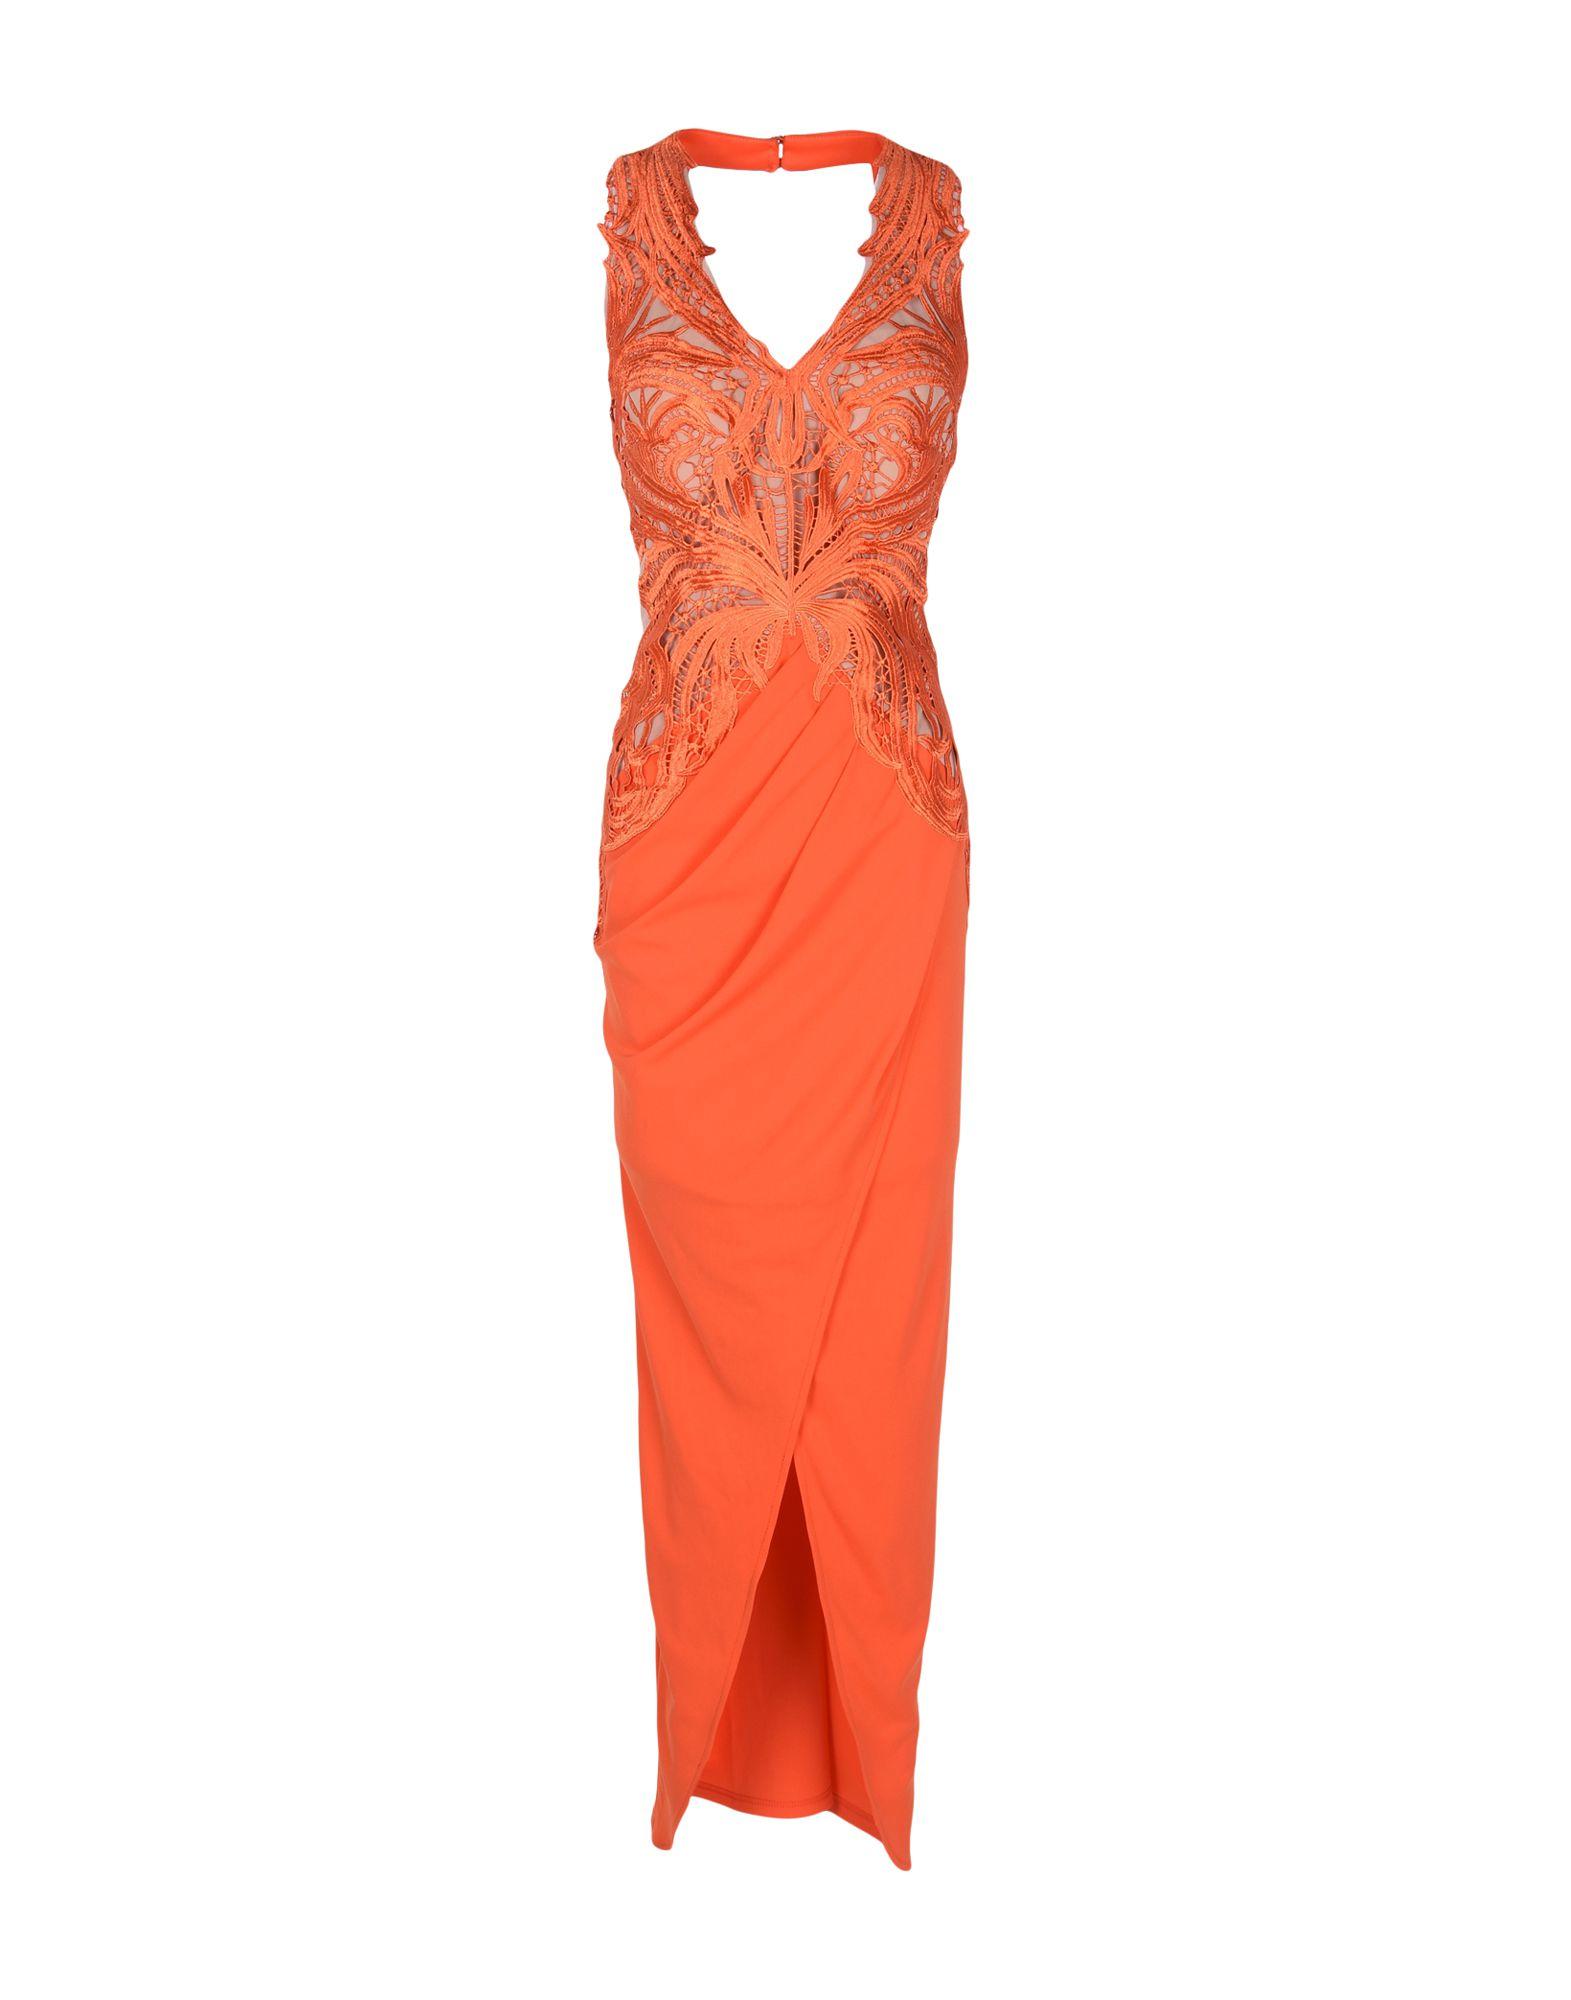 LIPSY Длинное платье платье короткое спереди длинное сзади летнее